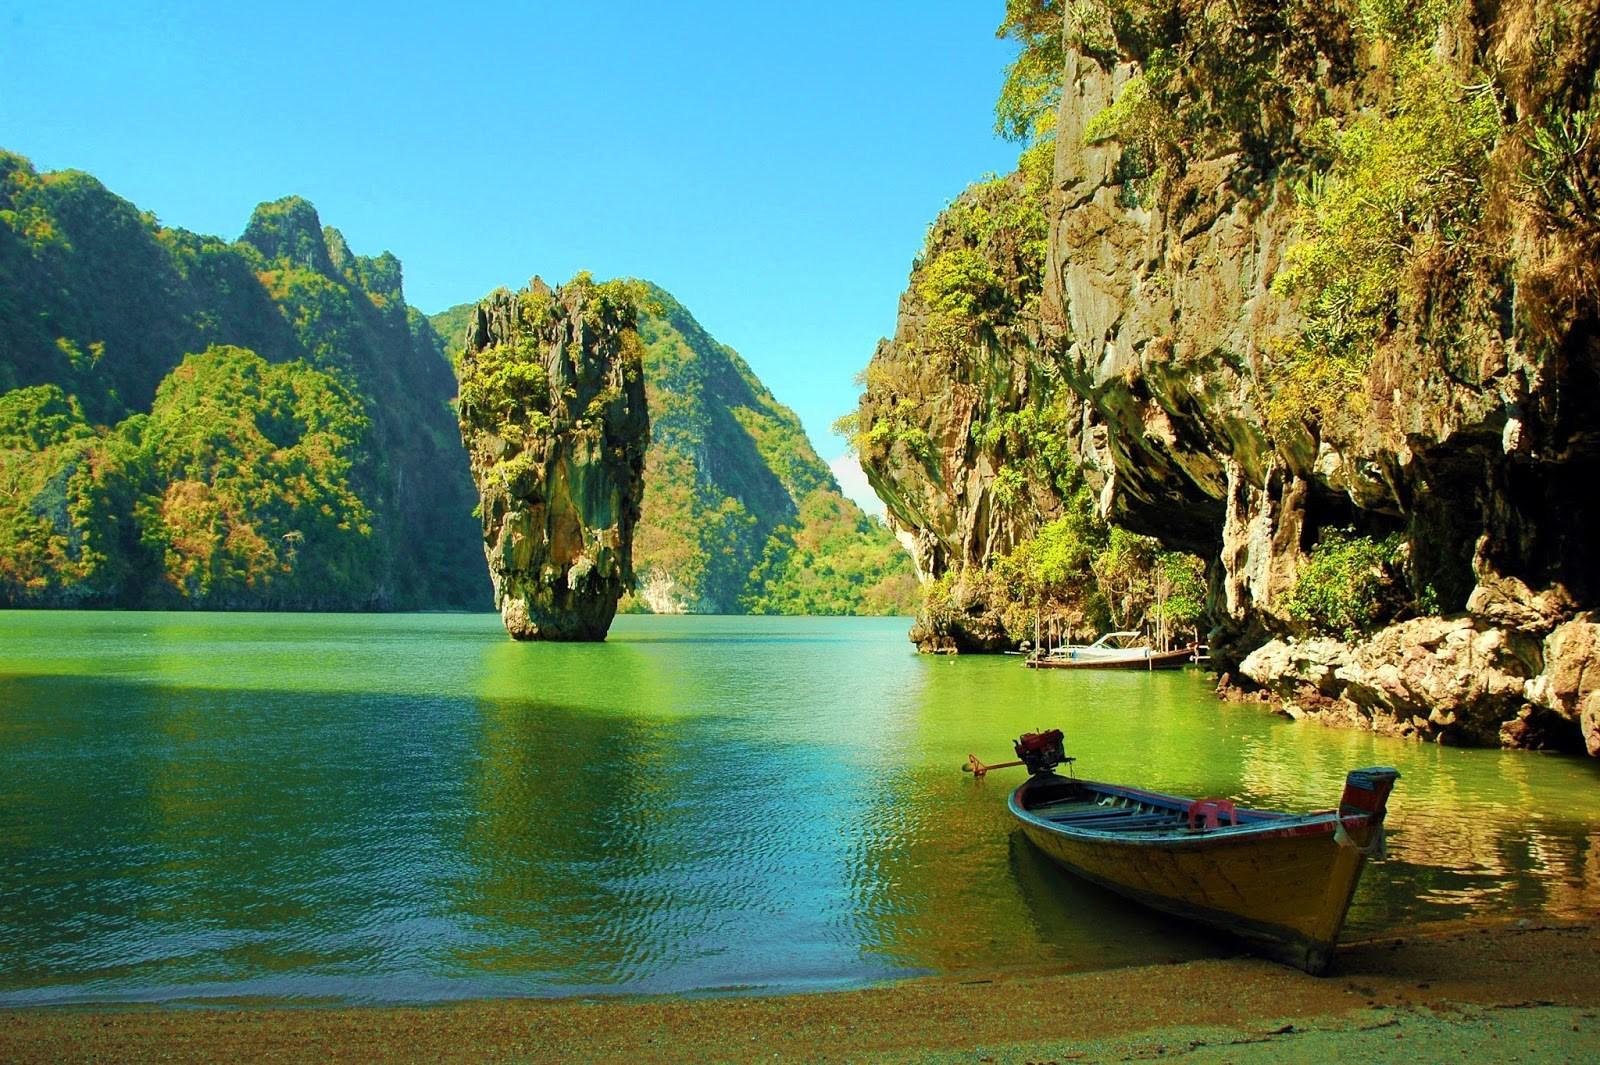 افضل الانشطه السياحيه في جزيره كو نجاي (6)